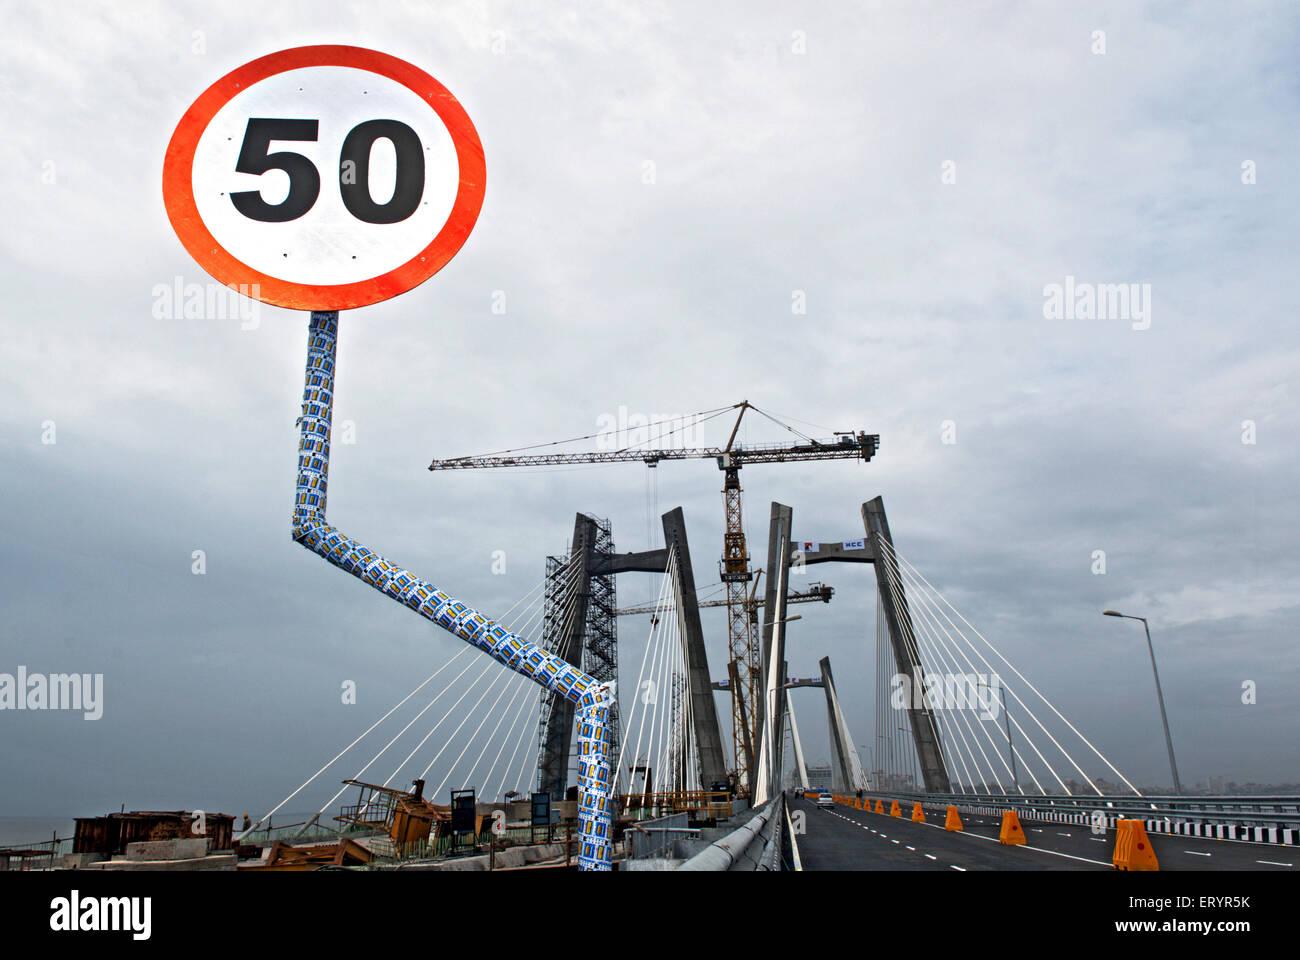 Board showing maximum speed limit on bandra worli known rajiv gandhi sea link ; Bombay Mumbai ; Maharashtra ; India - Stock Image